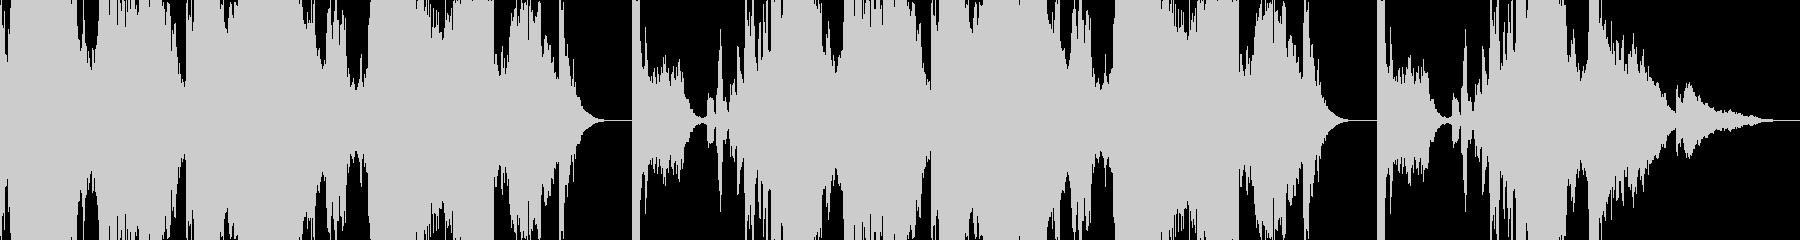 ノイズ音ベースのBGMの未再生の波形